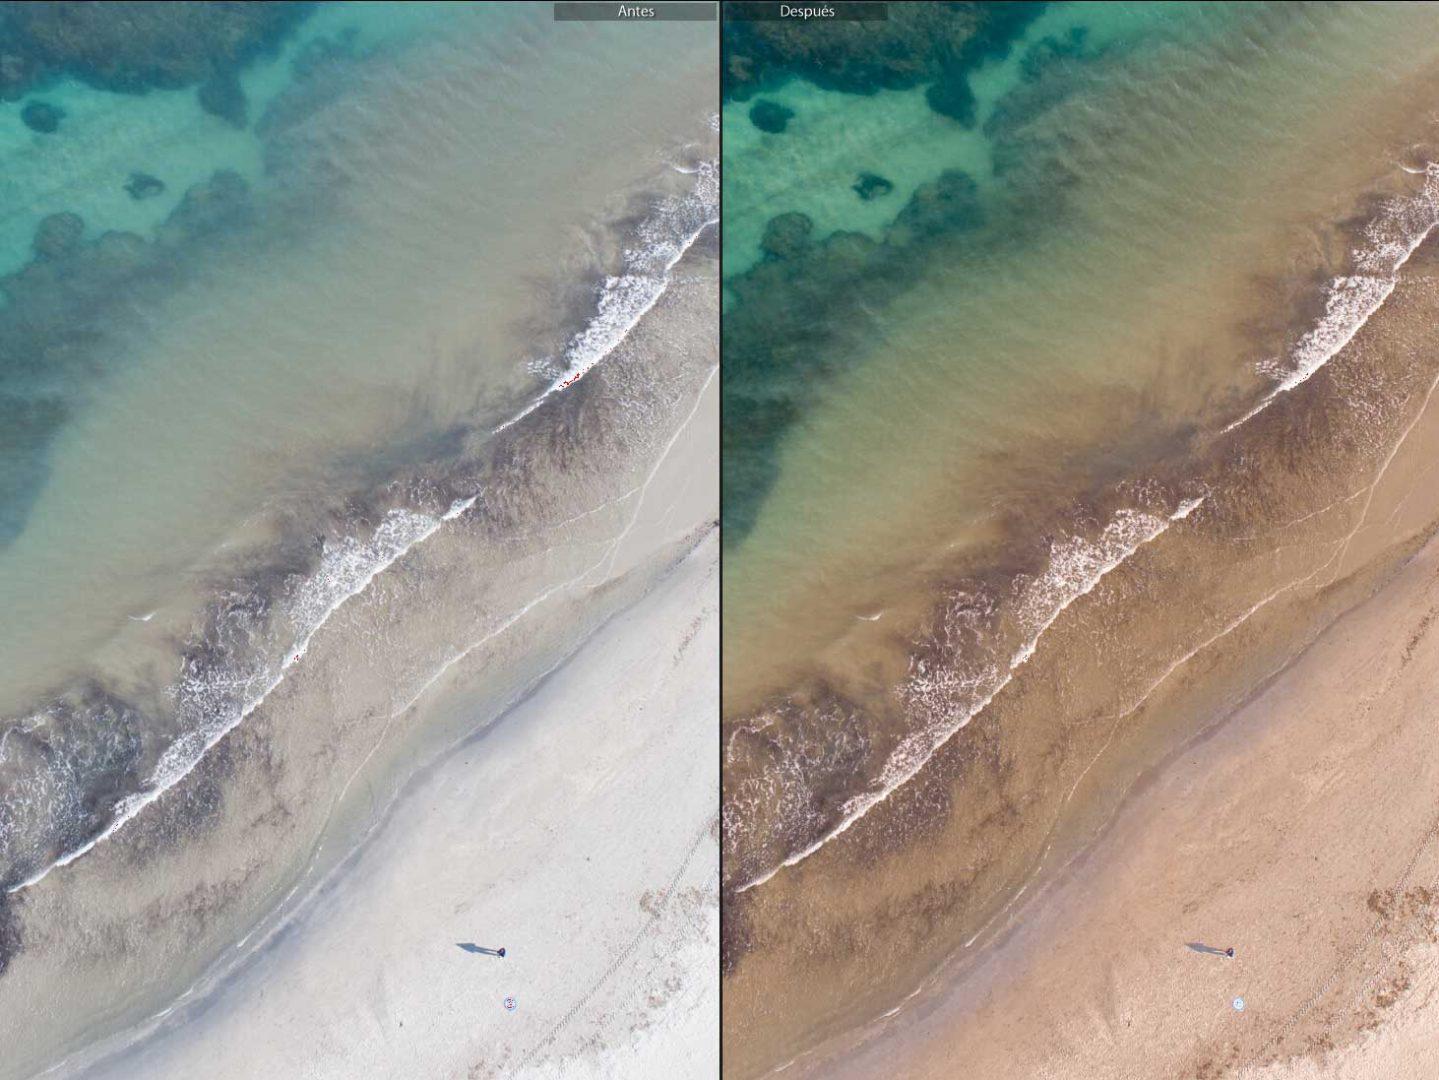 Revelado digital de una fotografía aérea con dron